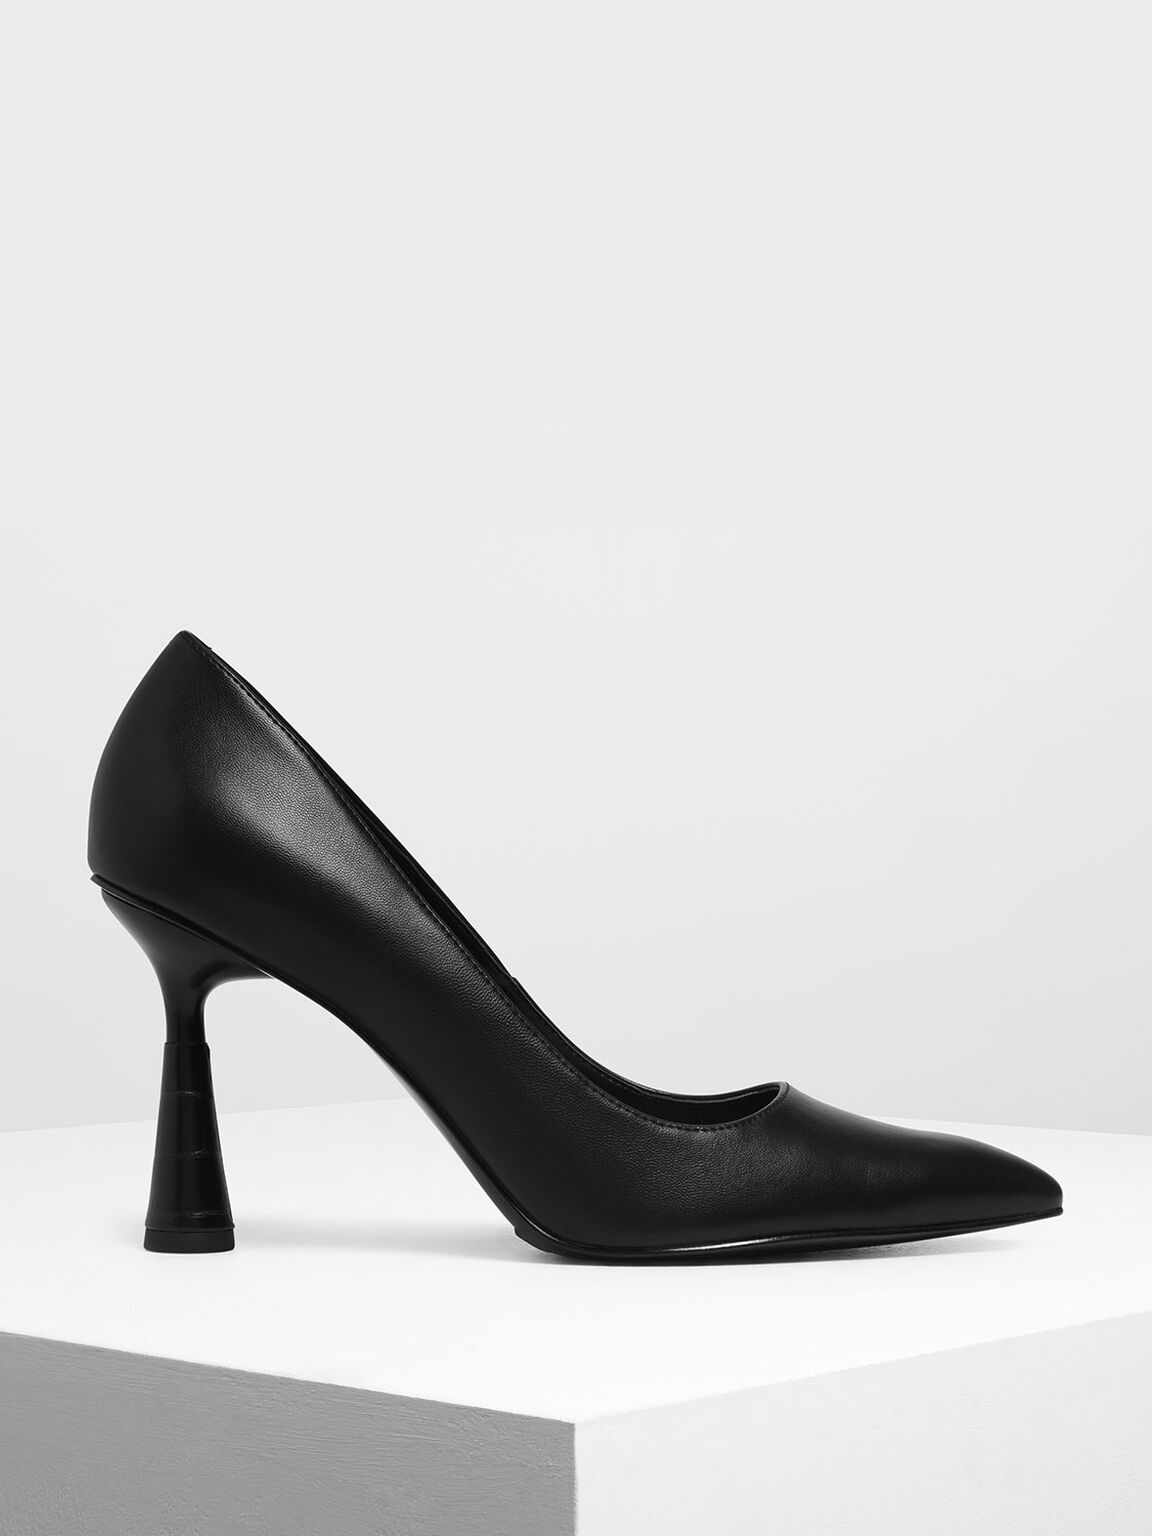 Sculptural Heel Pointed Toe Pumps, Black, hi-res